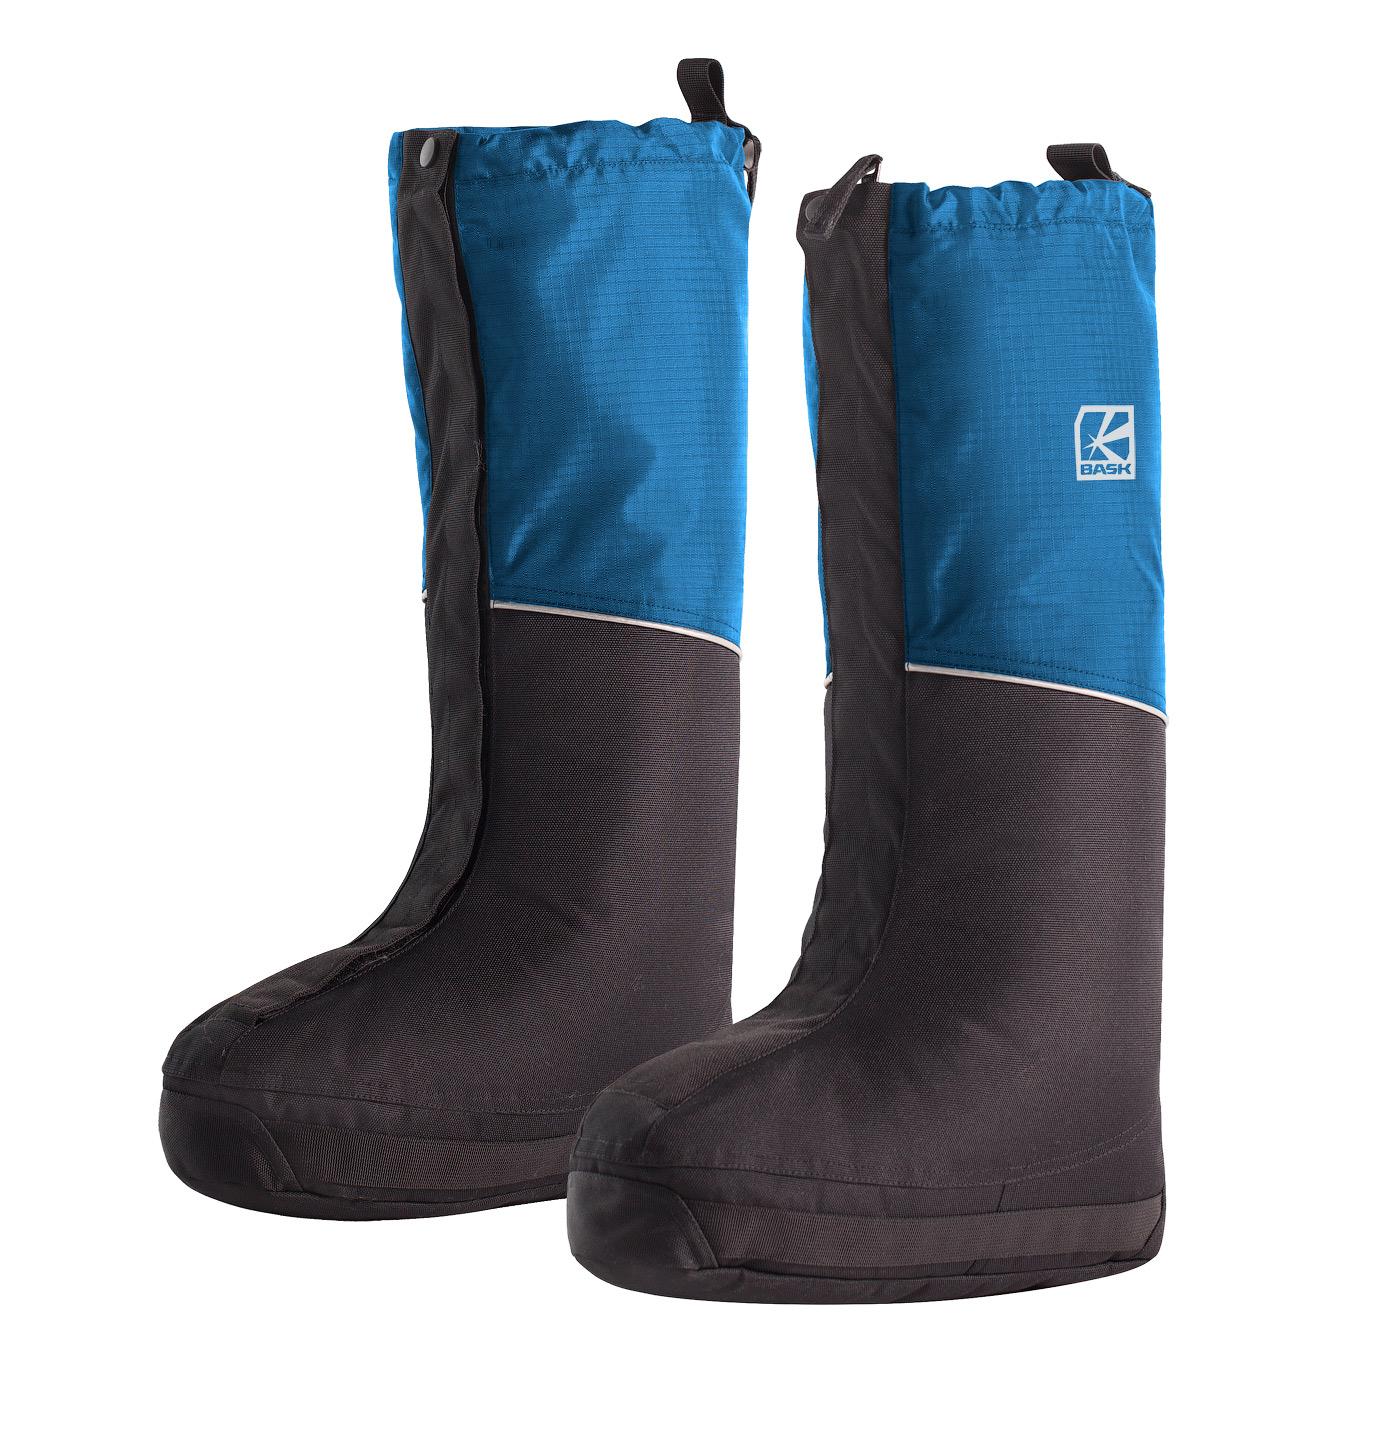 Альпинистские бахилы BASK LEGGINS V2 (синий/черный), Бахилы - арт. 996530367